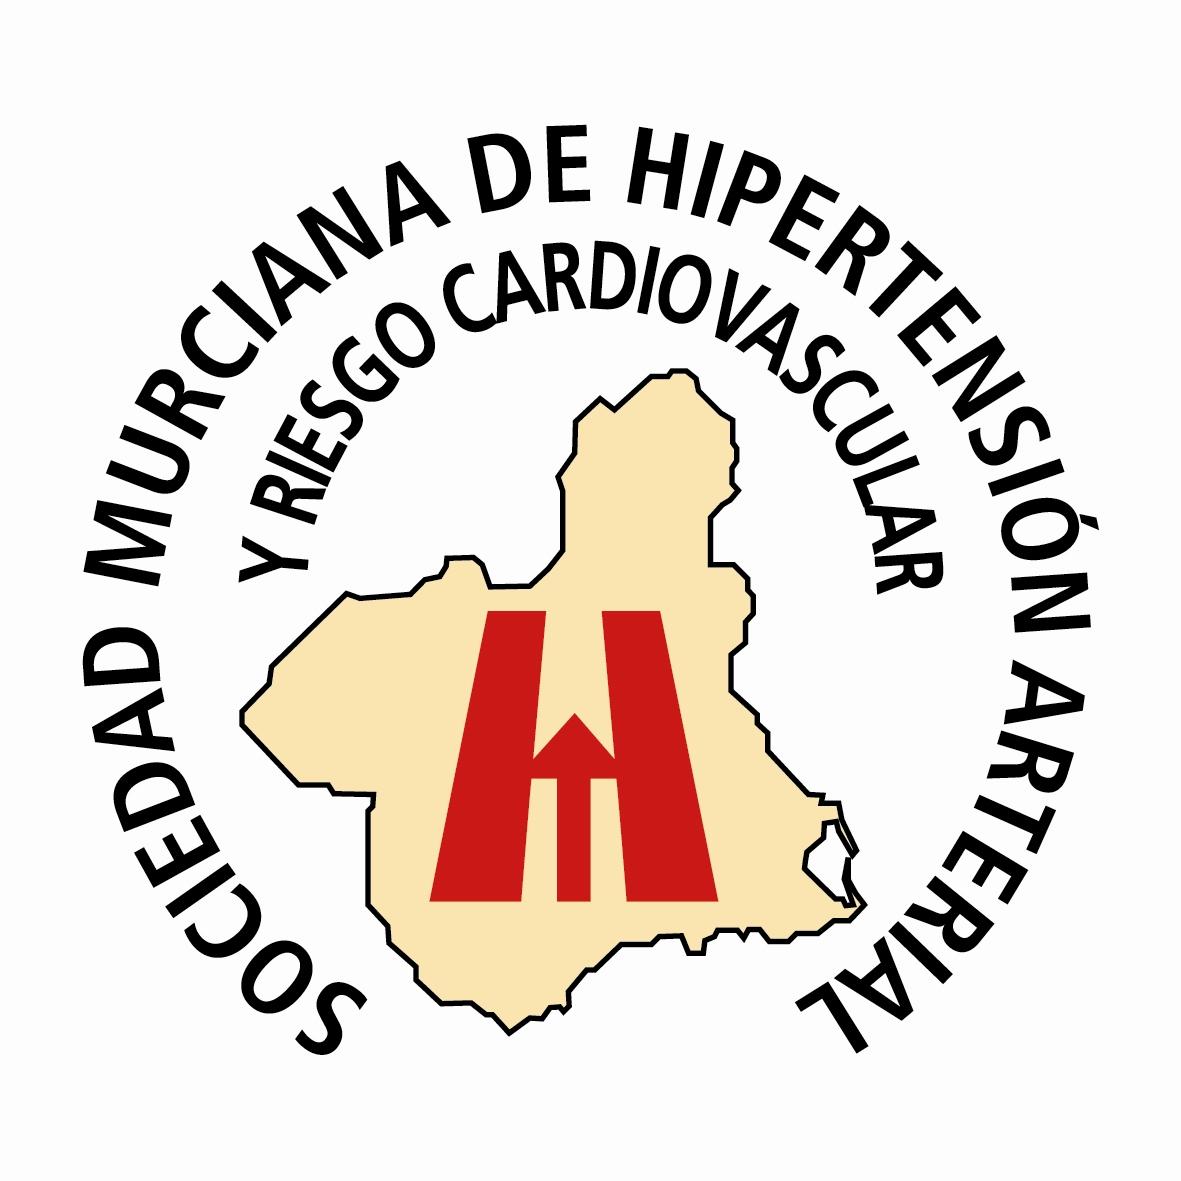 SOCIEDAD MURCIANA DE HIPERTENSIÓN ARTERIAL y RIESGO CARDIOVASCULAR